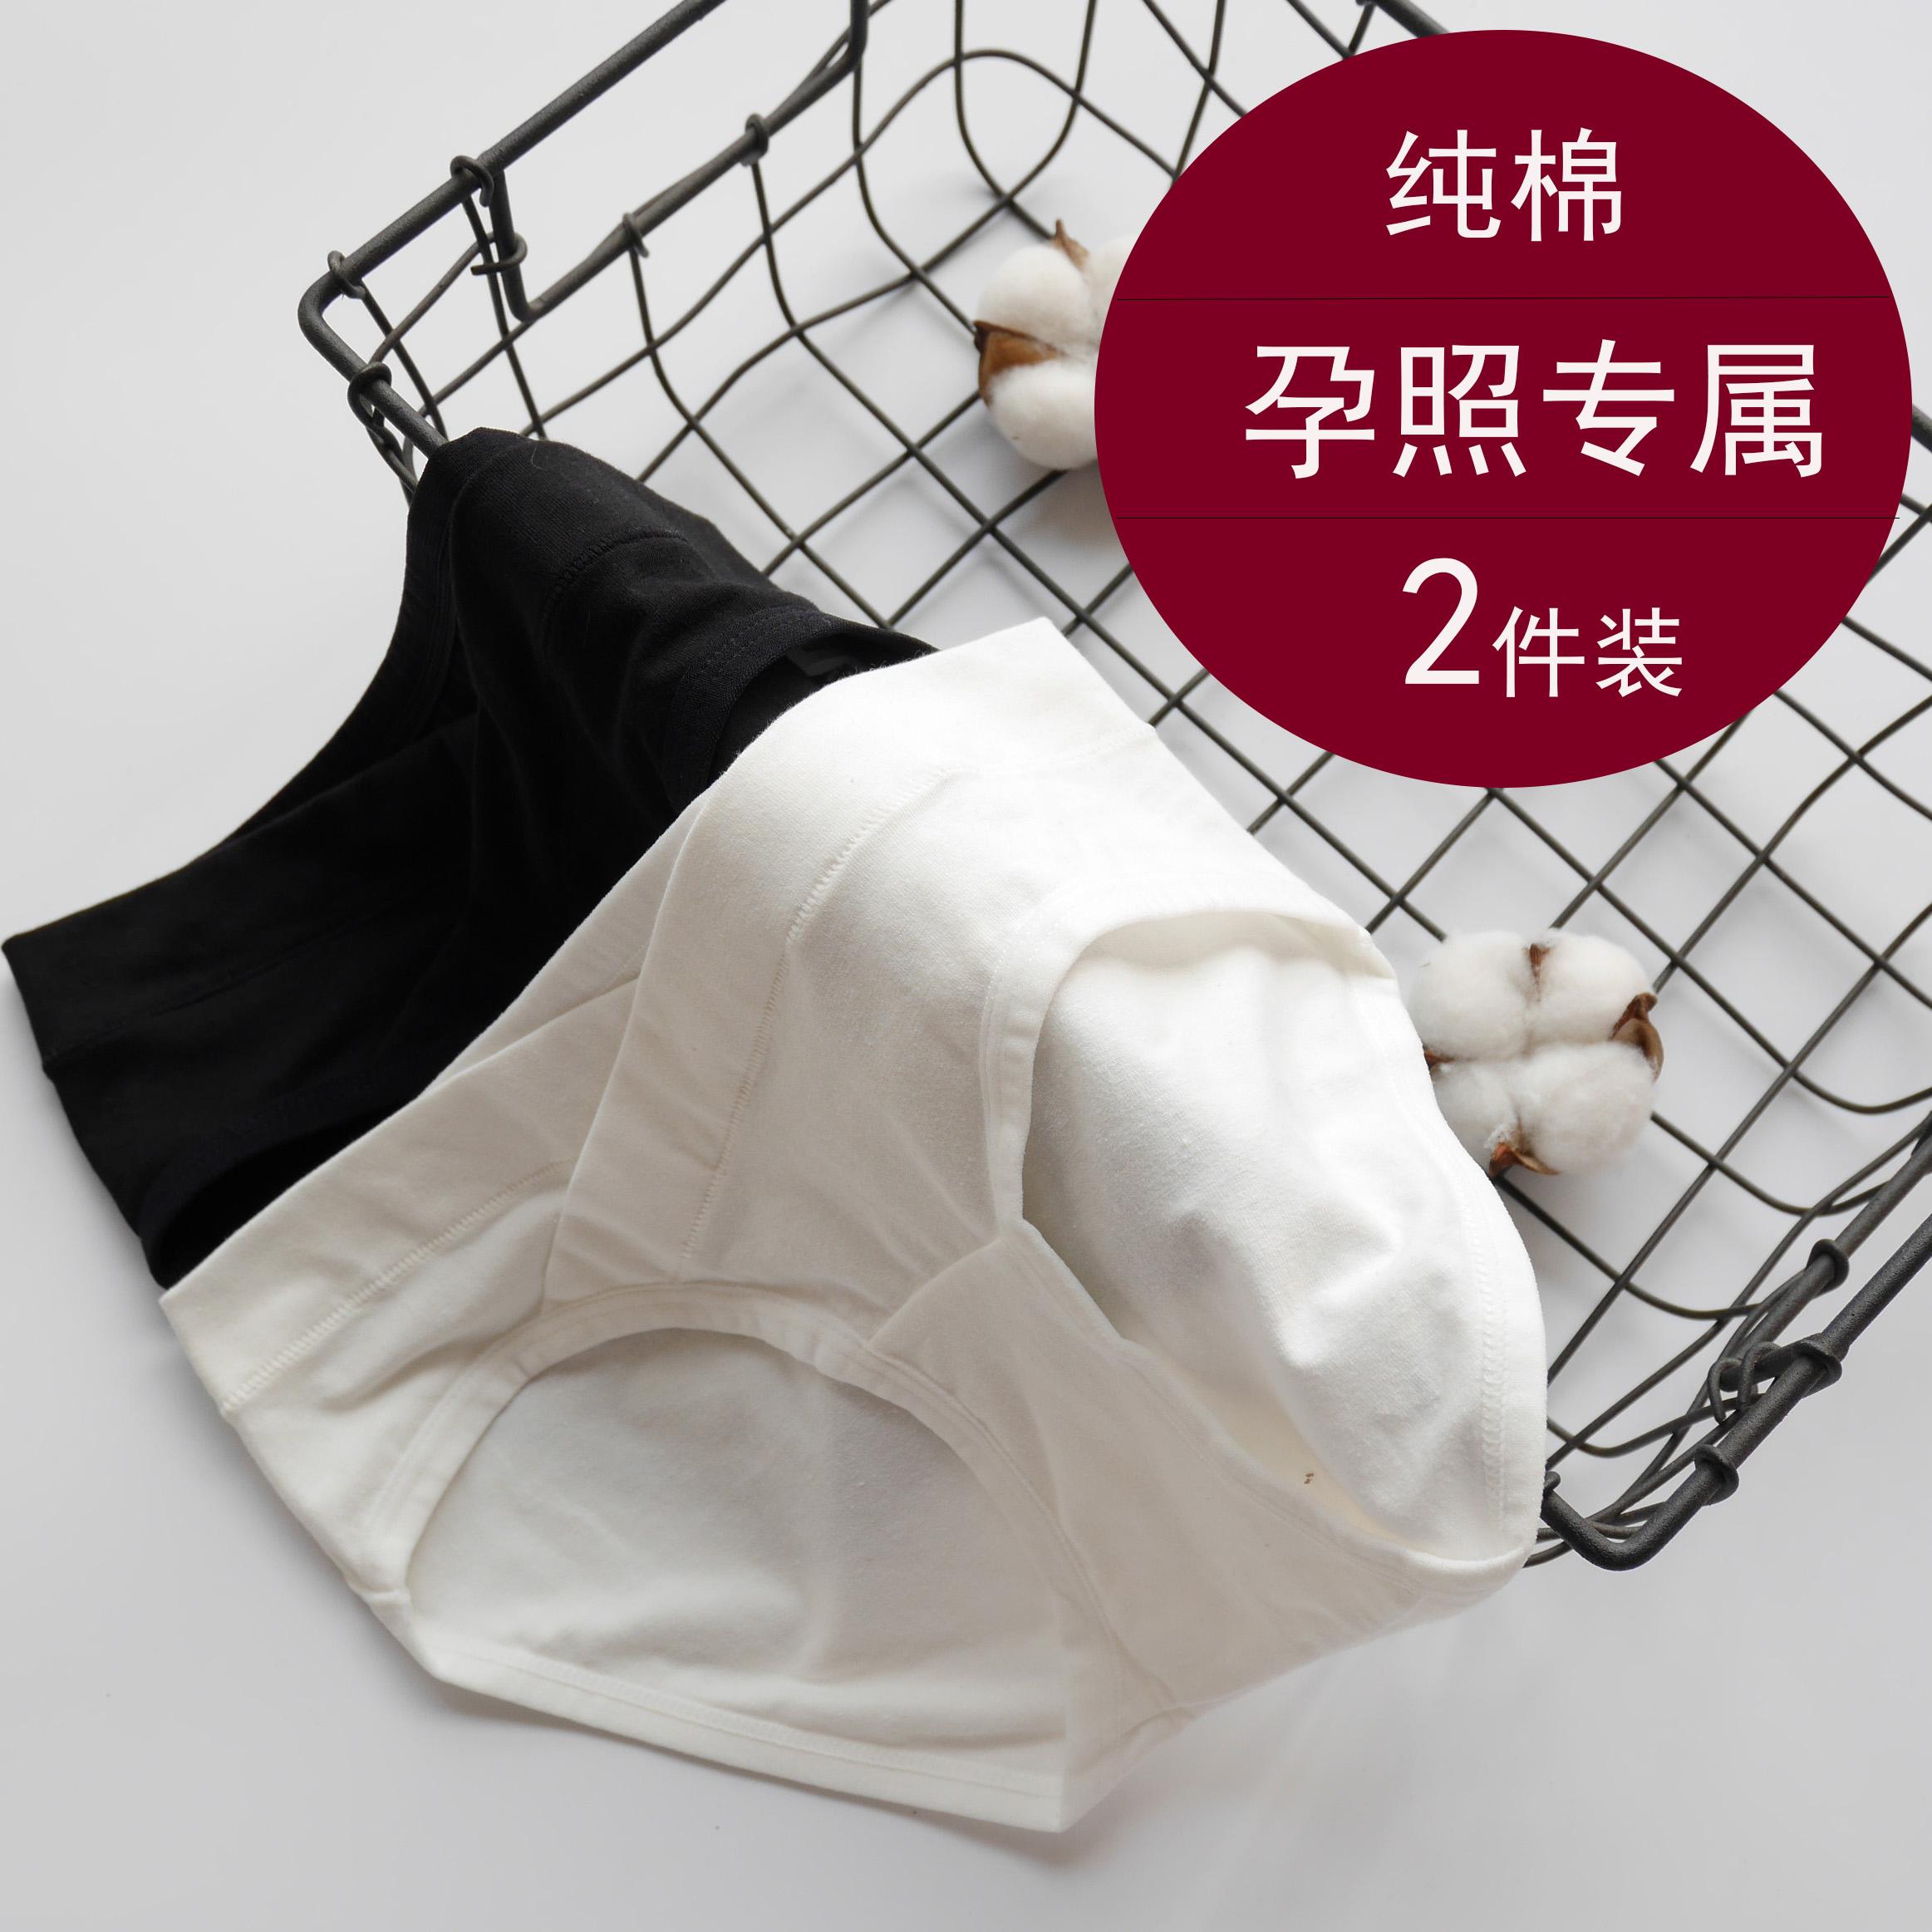 11月29日最新优惠孕妇内裤纯棉低腰两条装白色黑色拍照写真孕妇底裤孕晚期